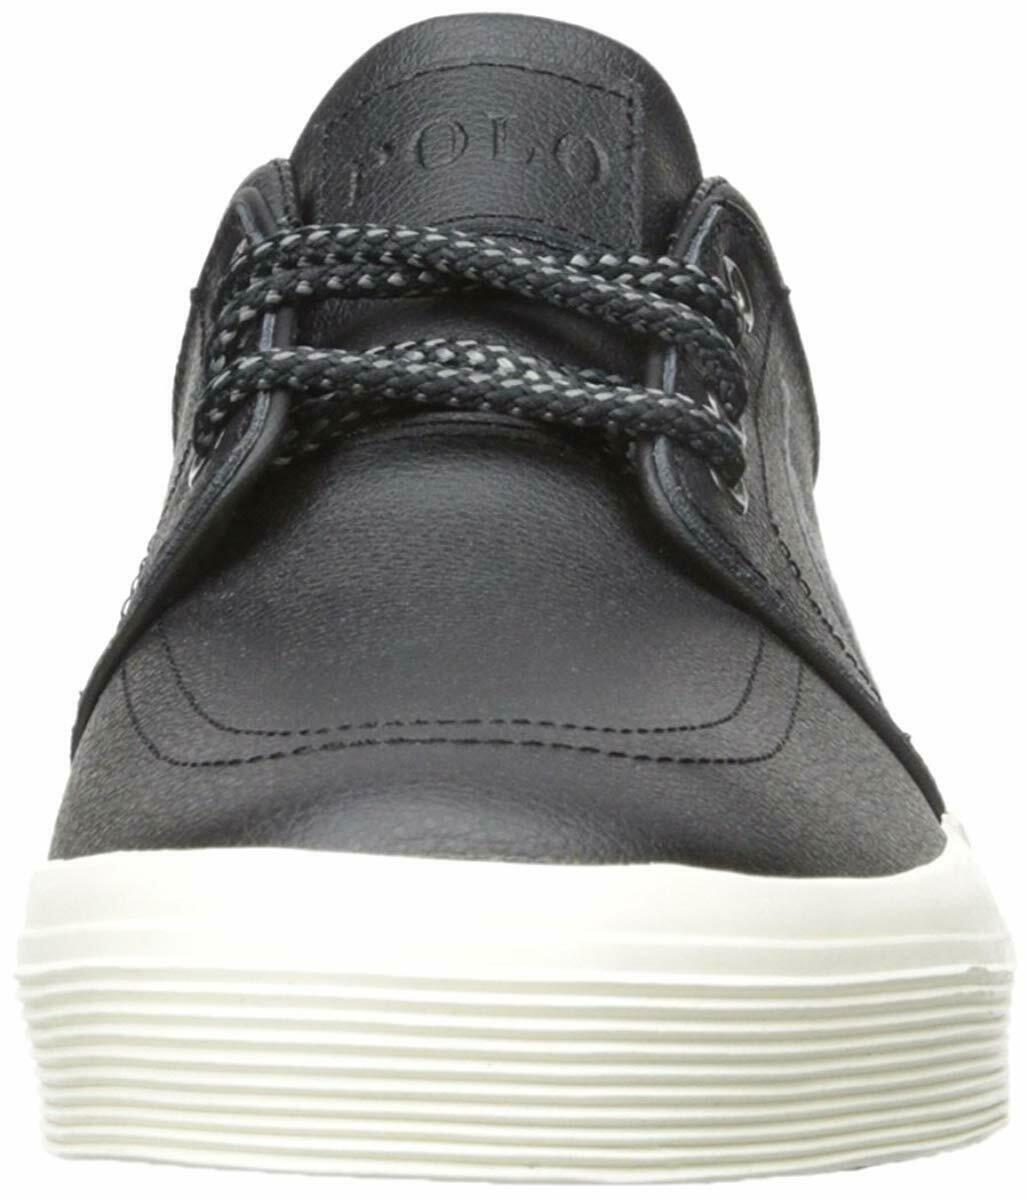 Polo Ralph Lauren Faxon Low Sneakers MSRP 69 New